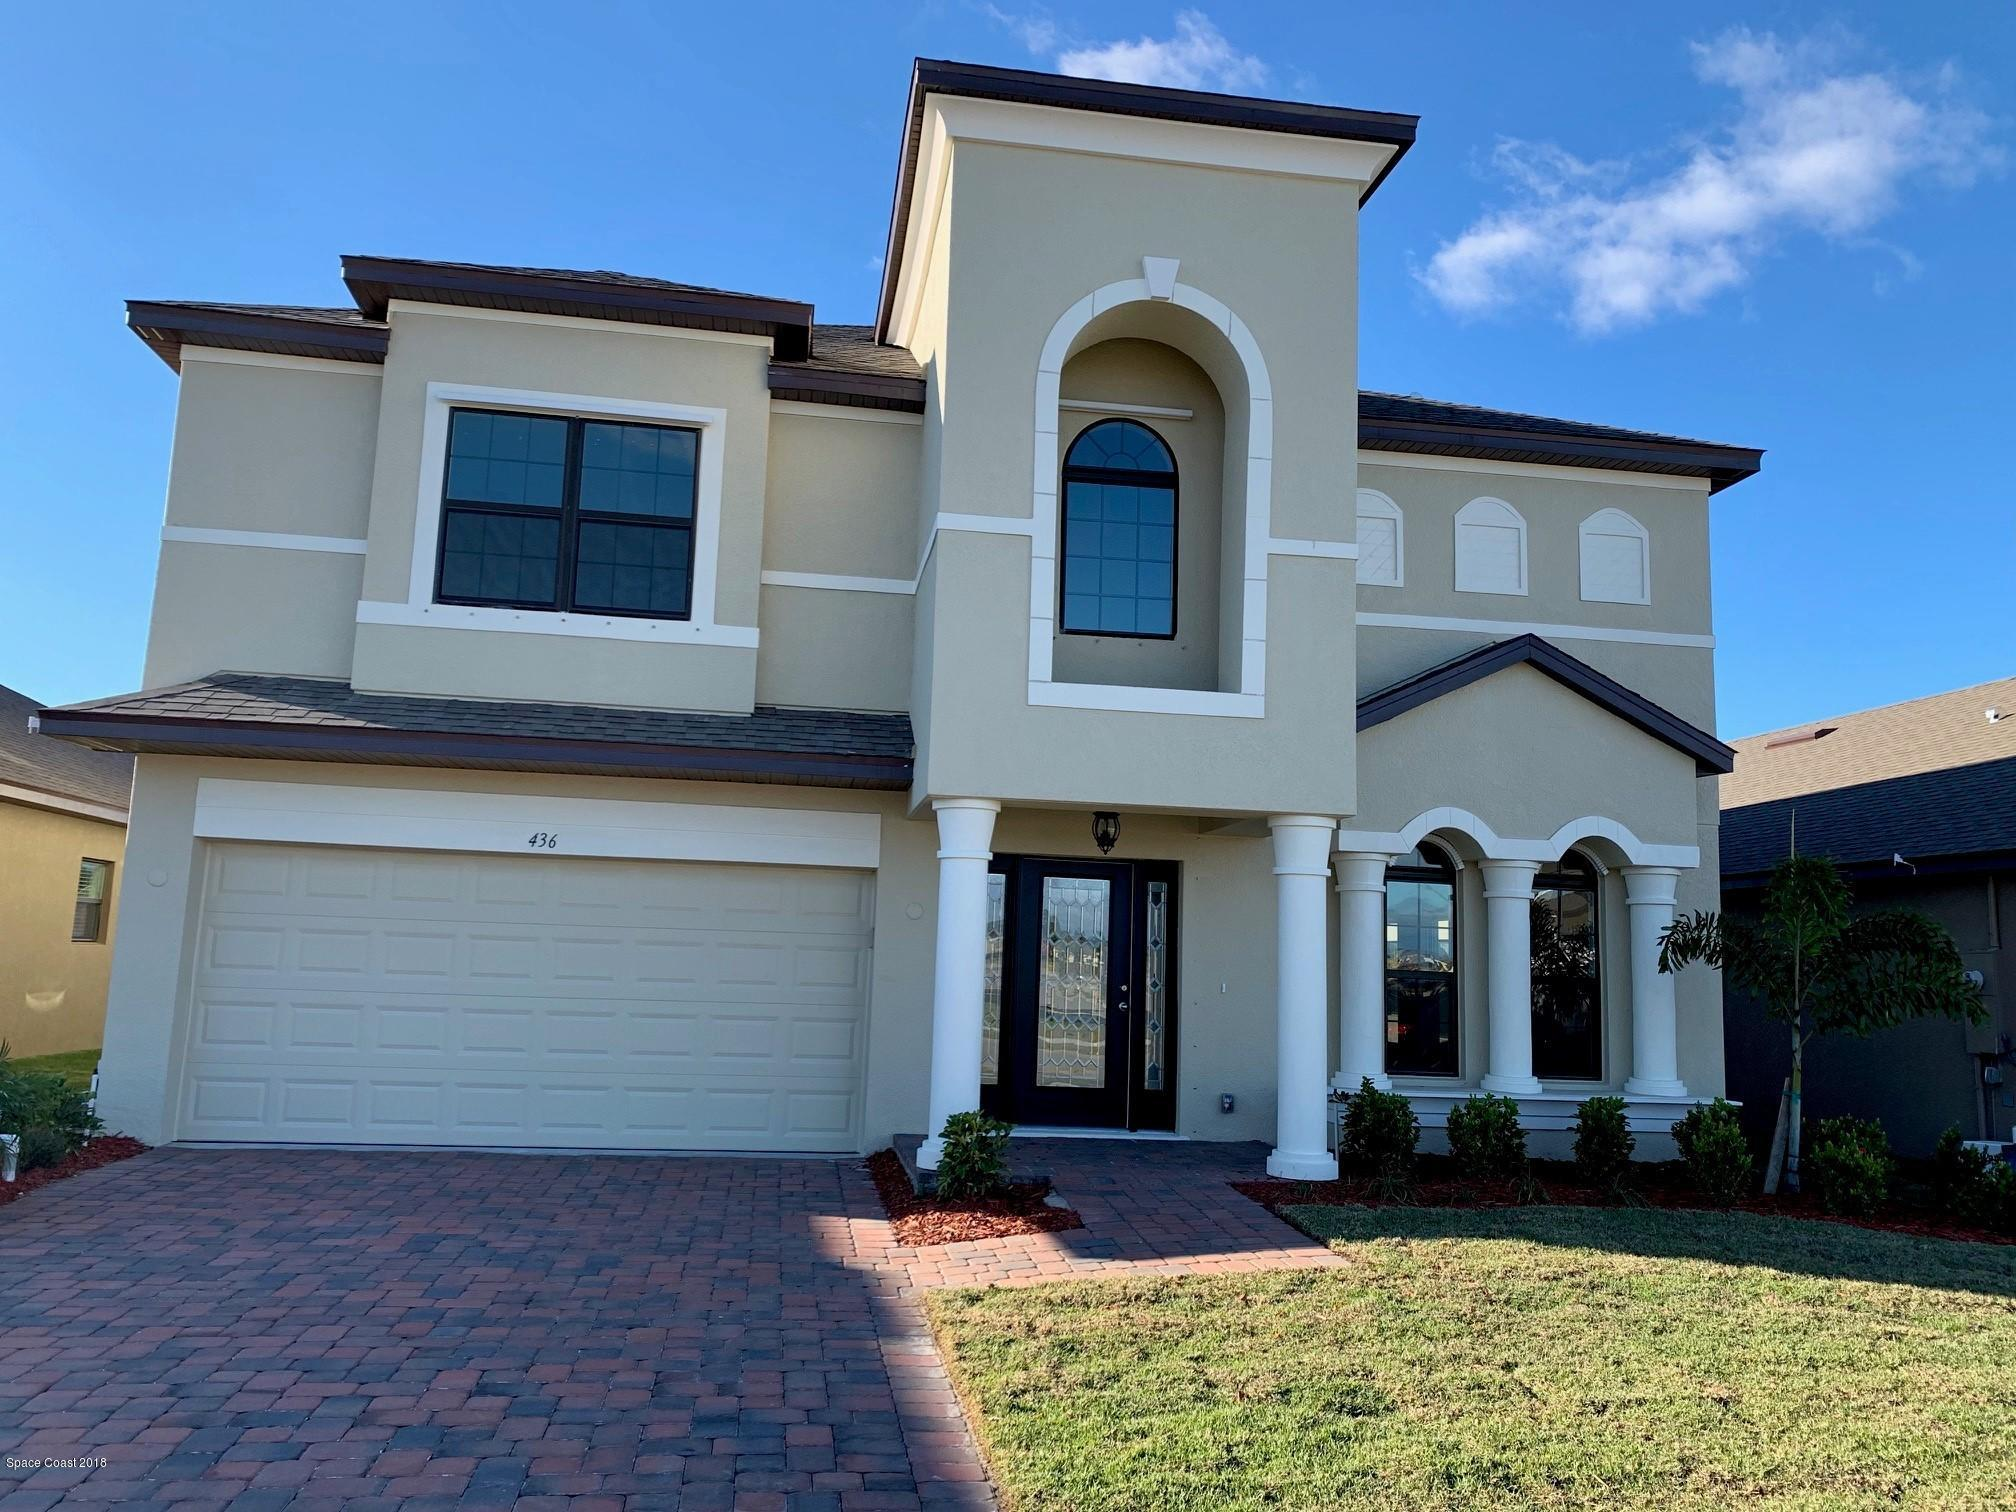 獨棟家庭住宅 為 出售 在 436 Horsemint 436 Horsemint West Melbourne, 佛羅里達州 32904 美國